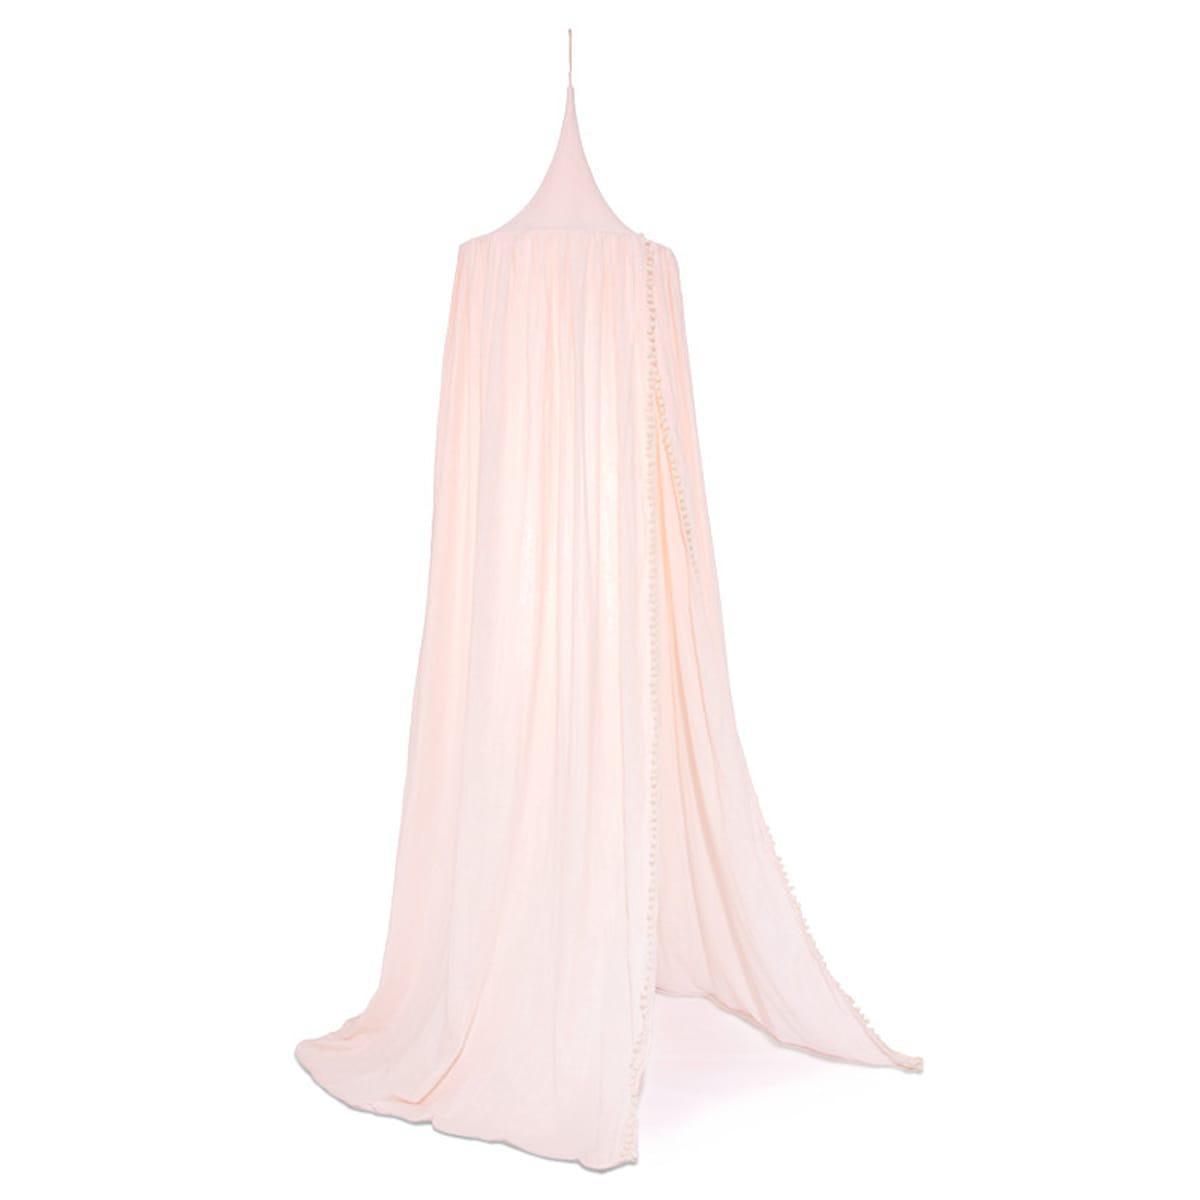 Ciel de lit AMOUR POM POM Nobodinoz dream pink